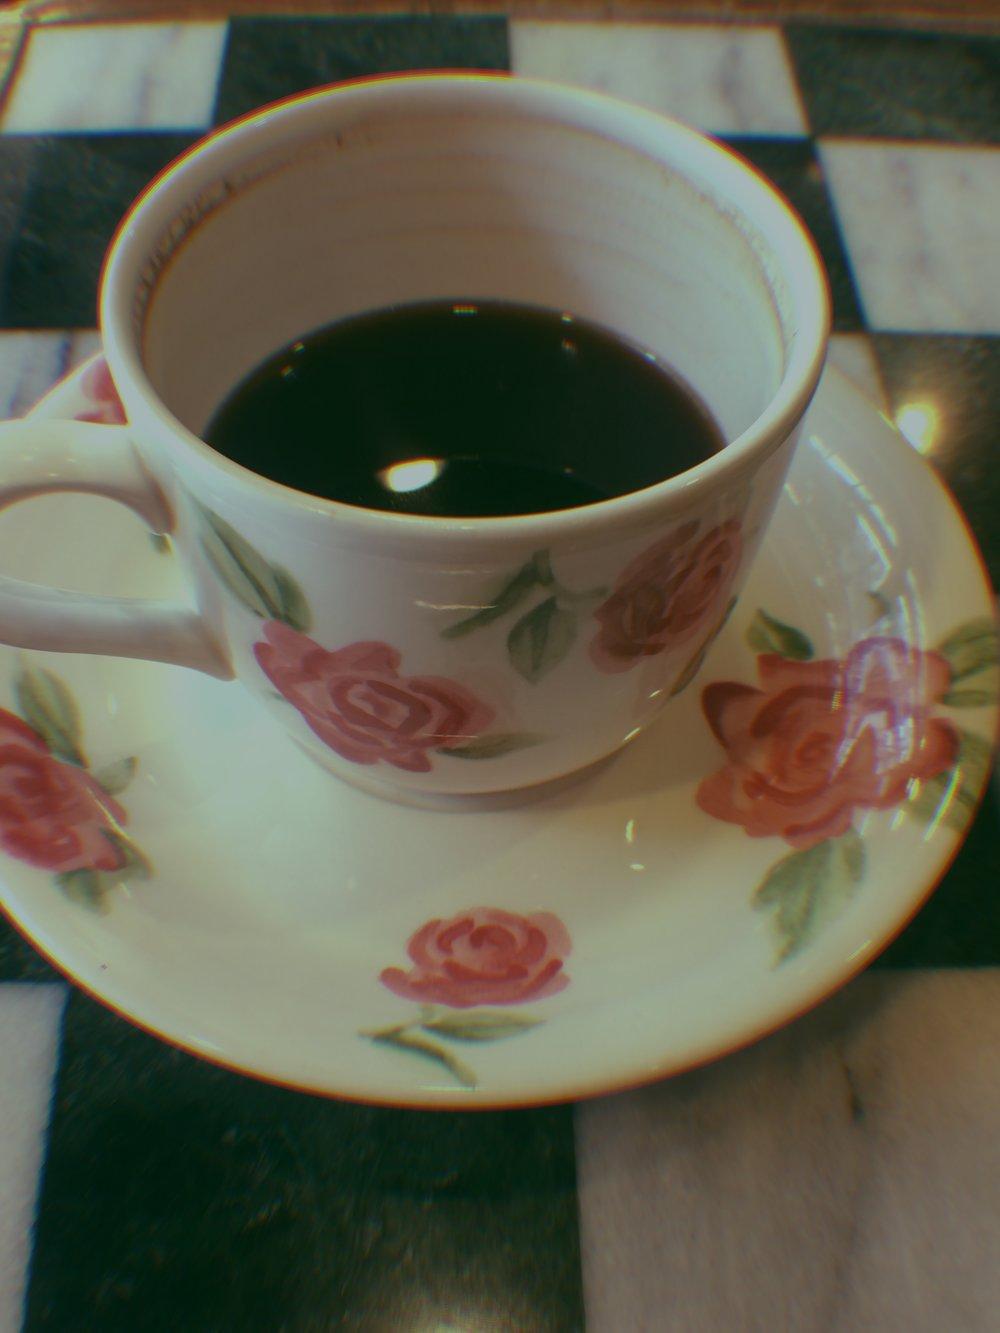 Cute cup in a Taipei coffee shop